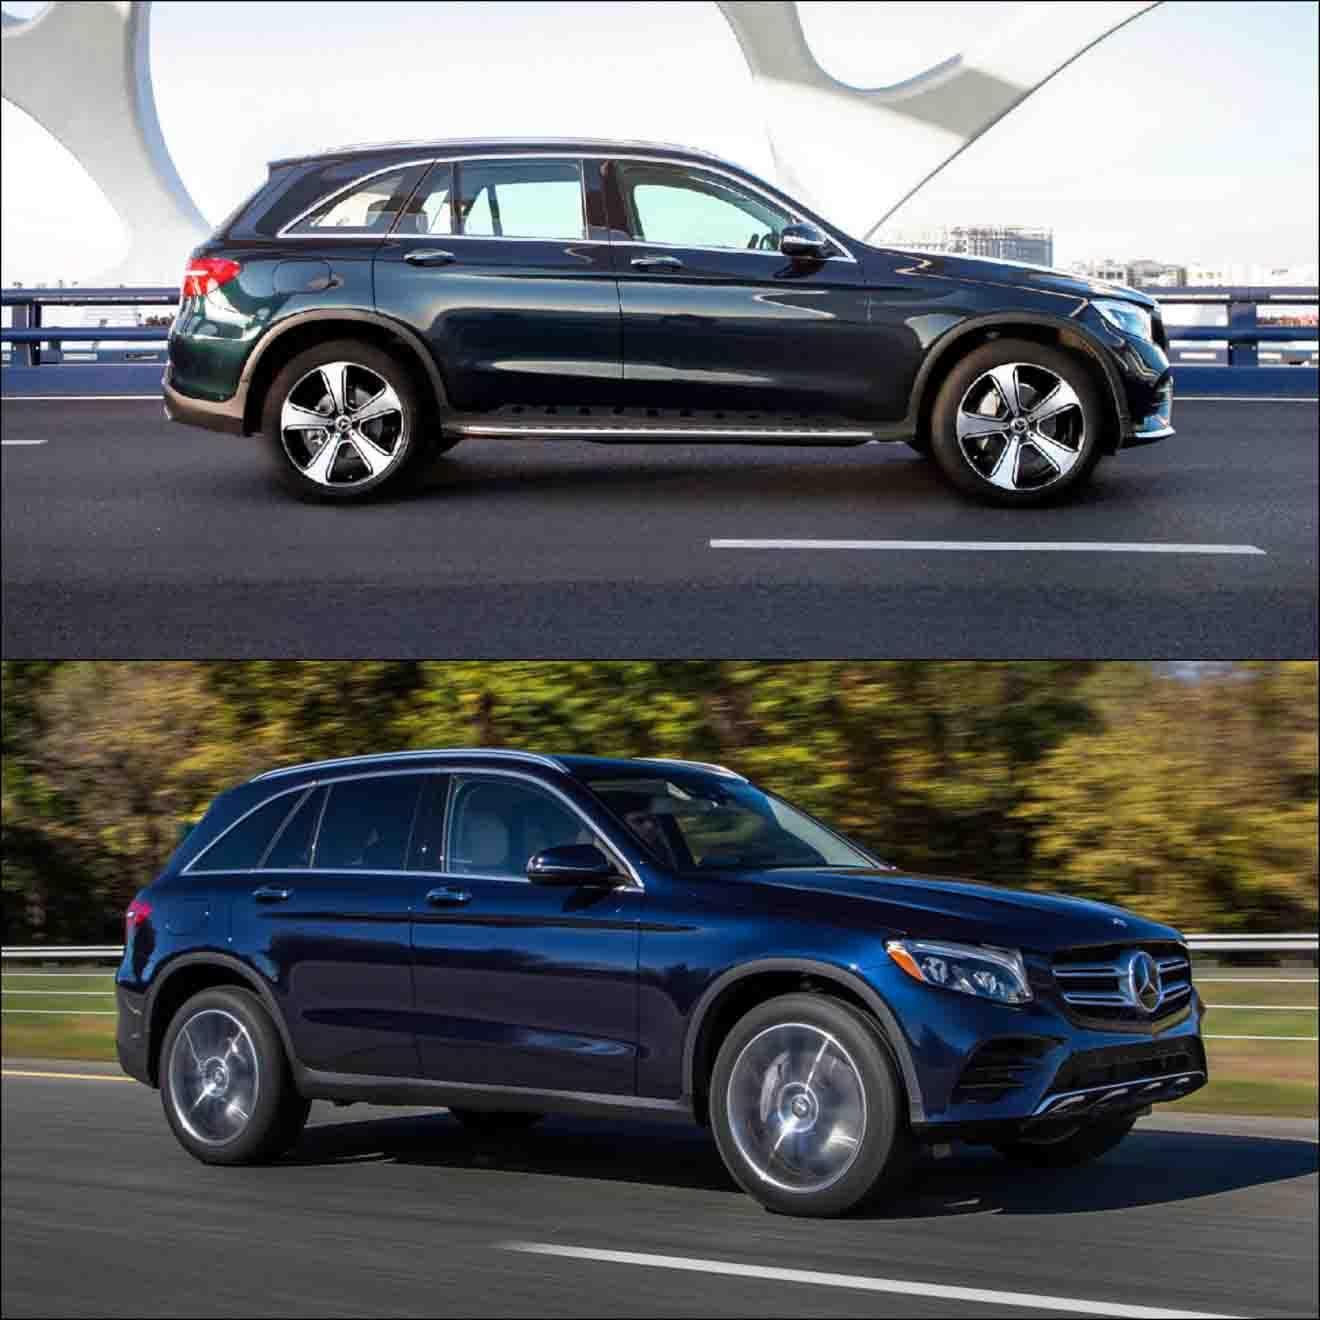 Mercedes-Benz ra mắt GLC-L phiên bản trục cơ sở kéo dài - 3